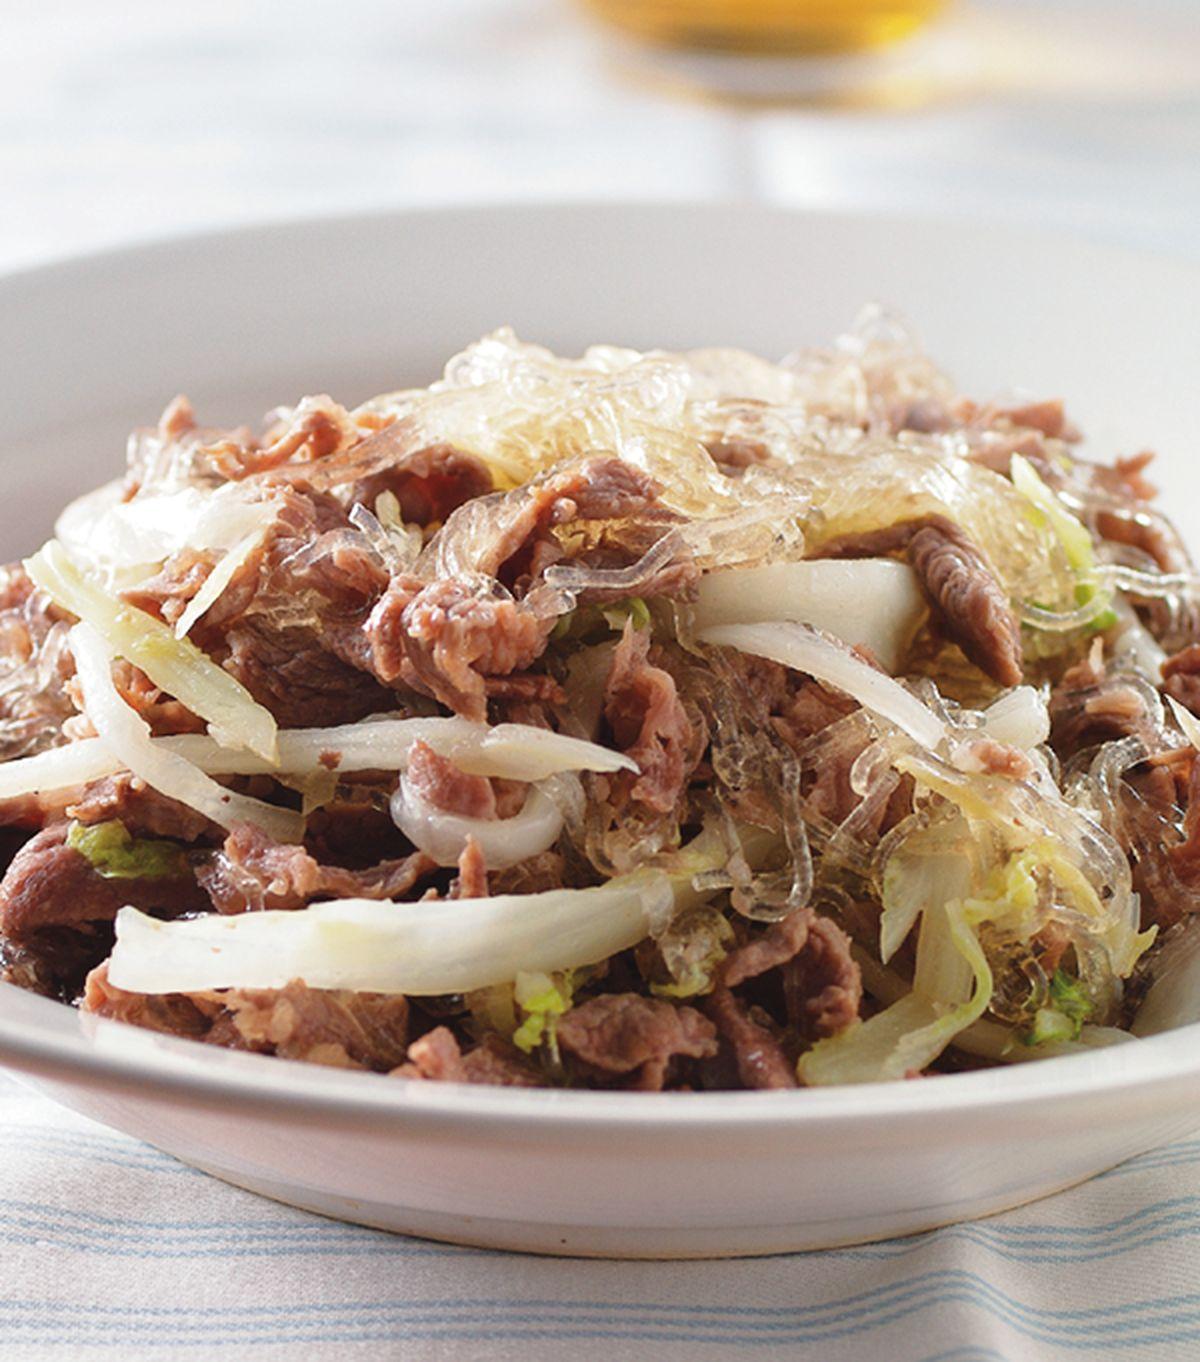 食譜:羊肉酸菜炒粉絲